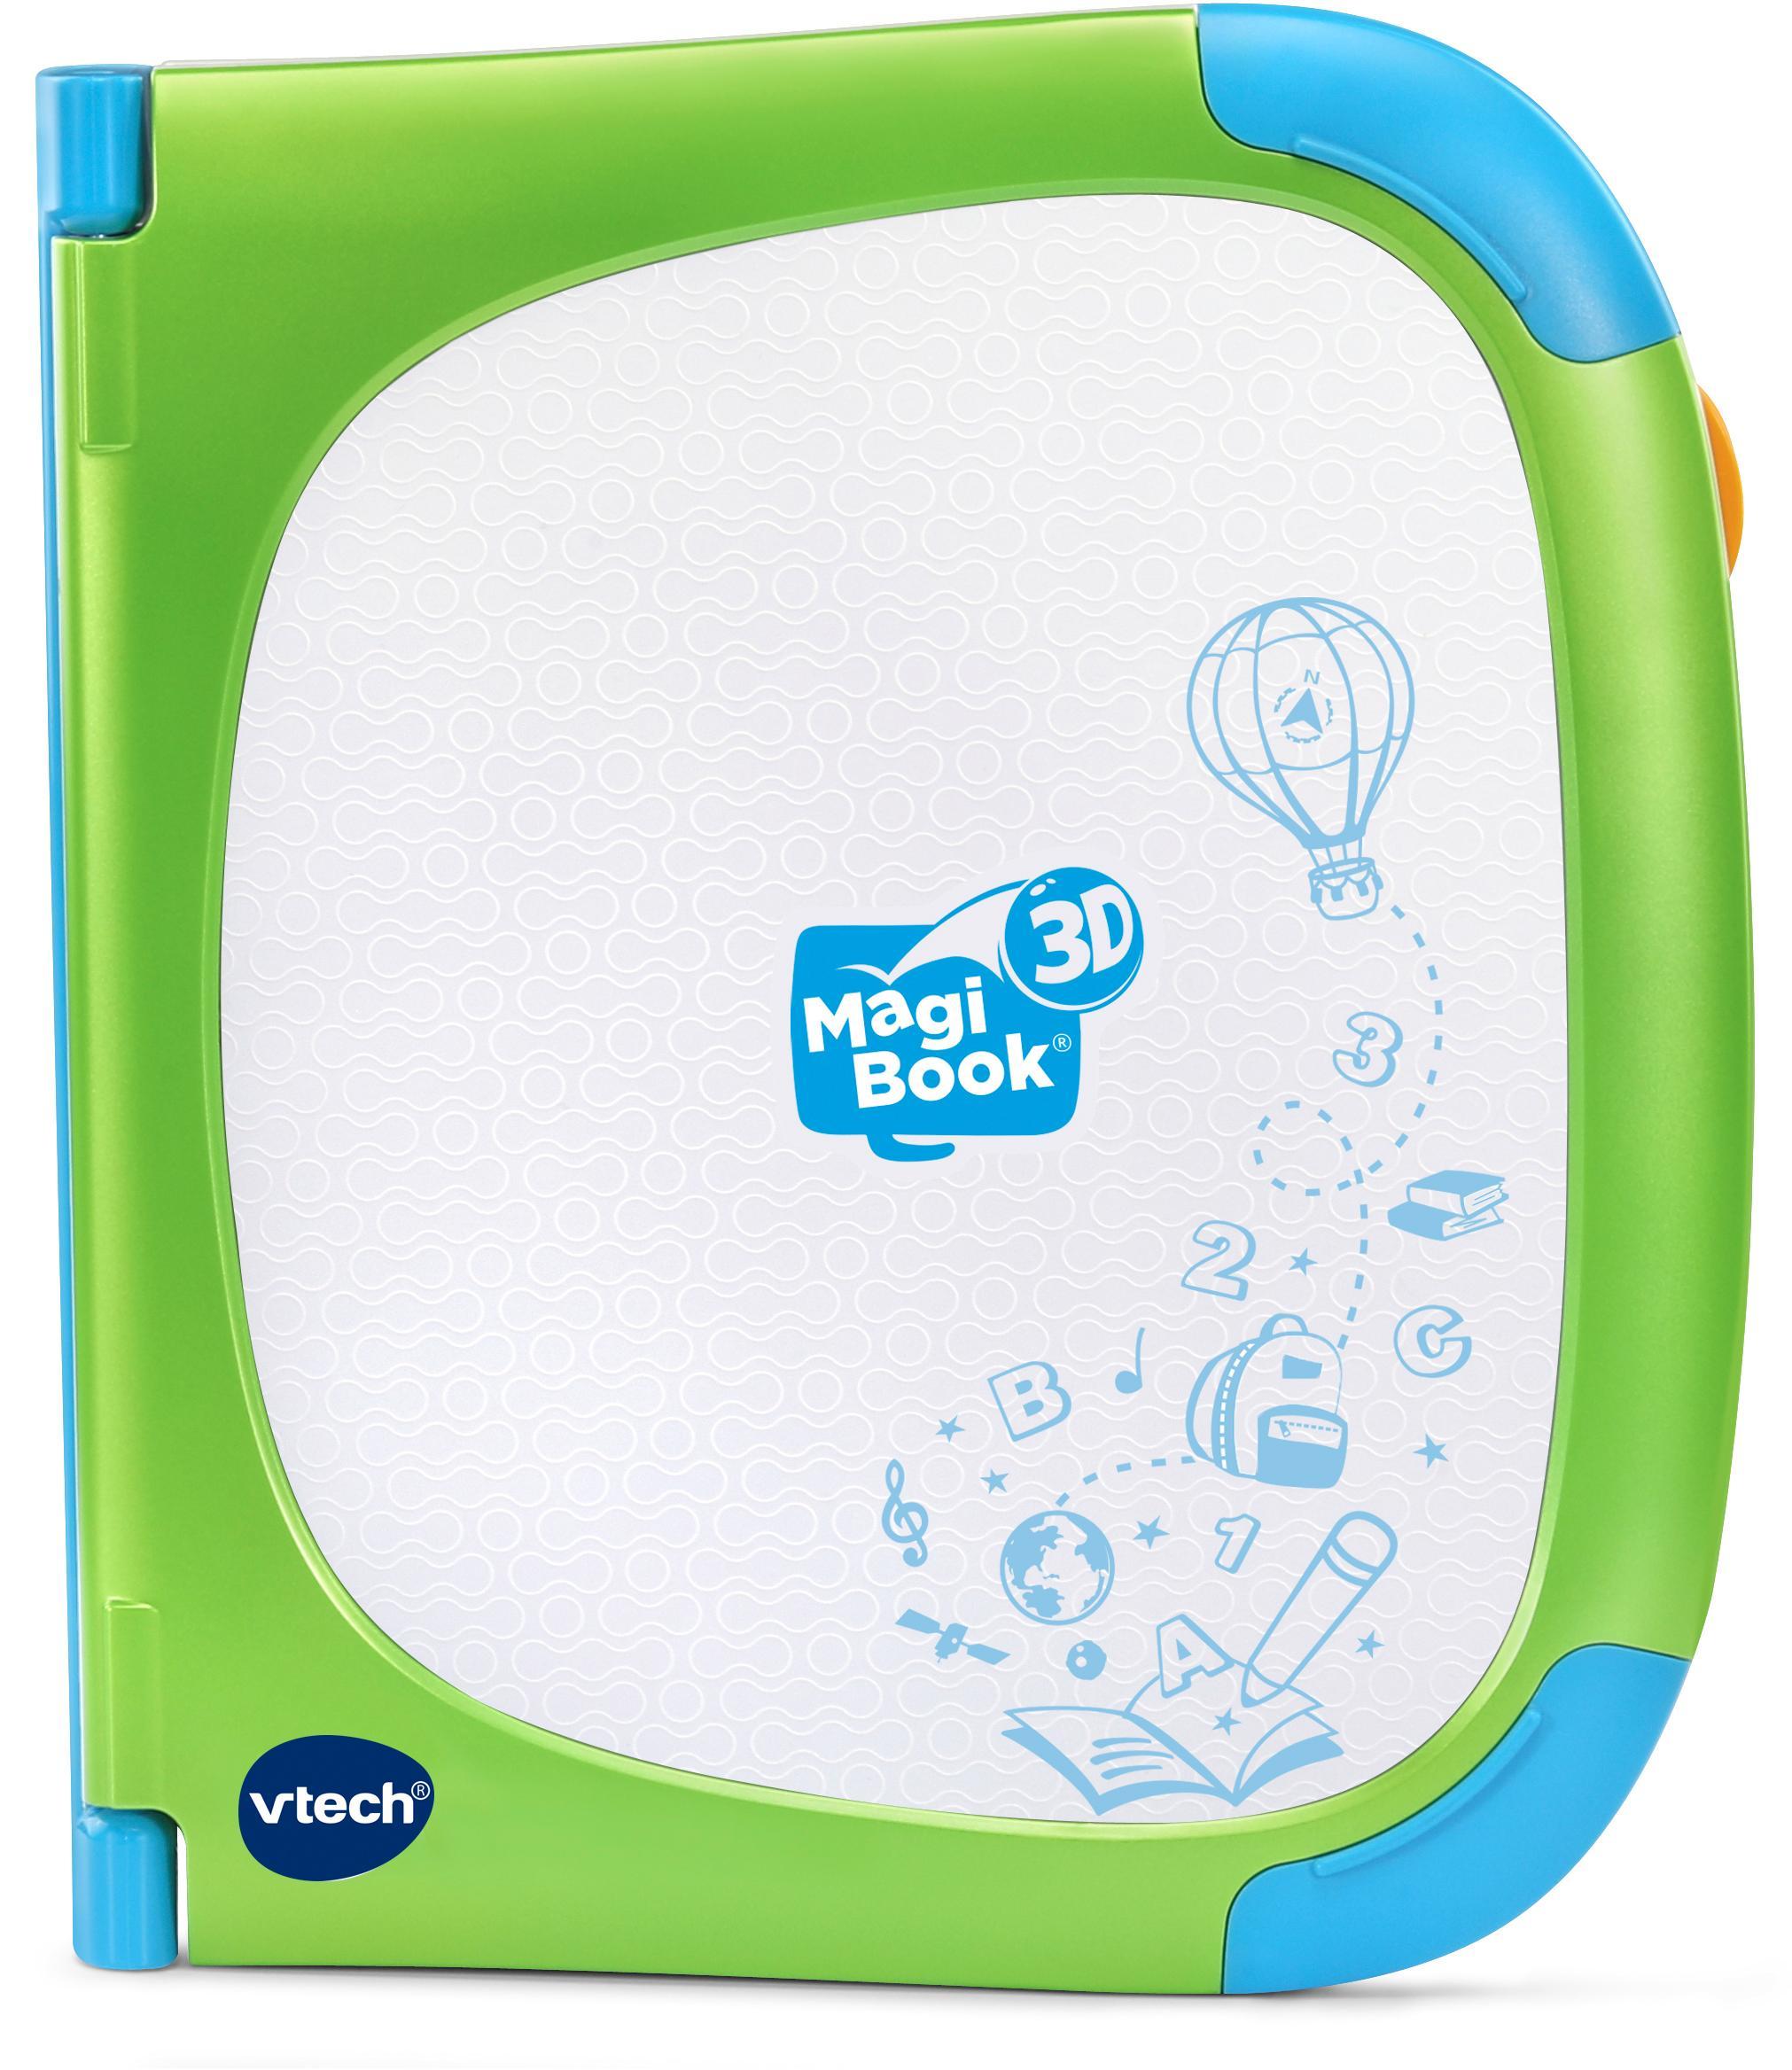 """Vtech Kindercomputer """"MagiBook 3D grün"""" Technik & Freizeit/Spielzeug/Lernspielzeug/Kinder-Computer"""